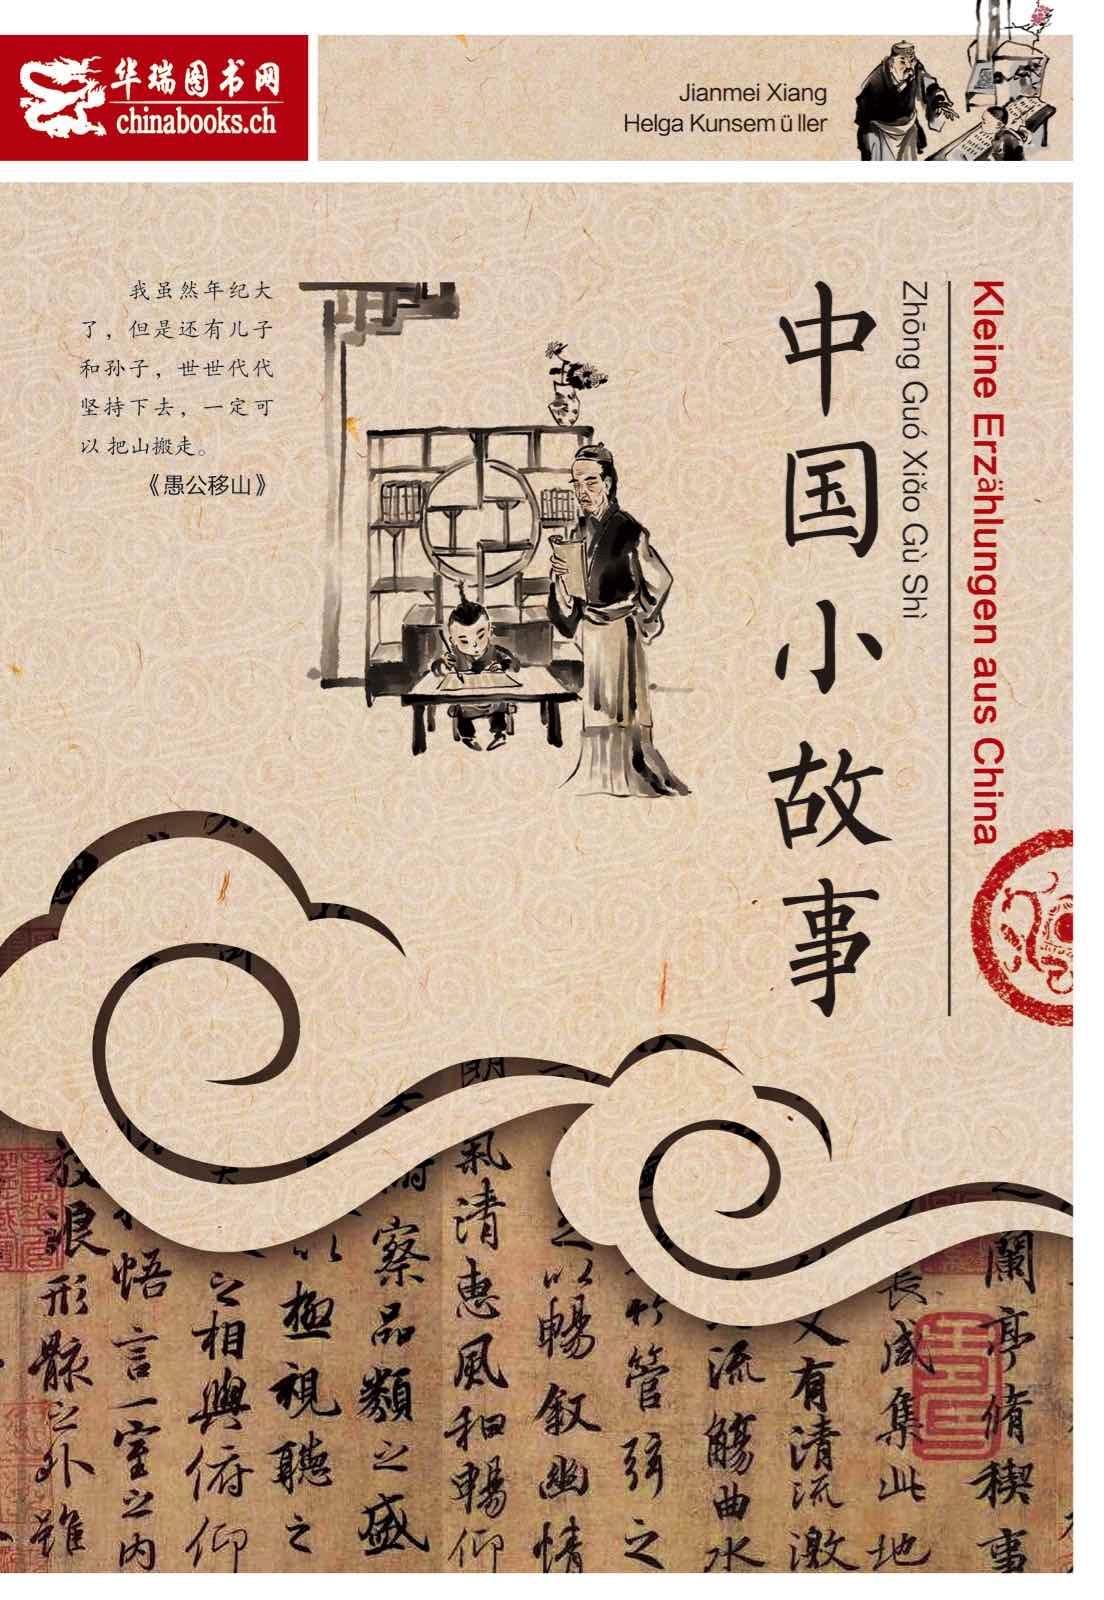 chinabooks.ch - chinese books & dvd